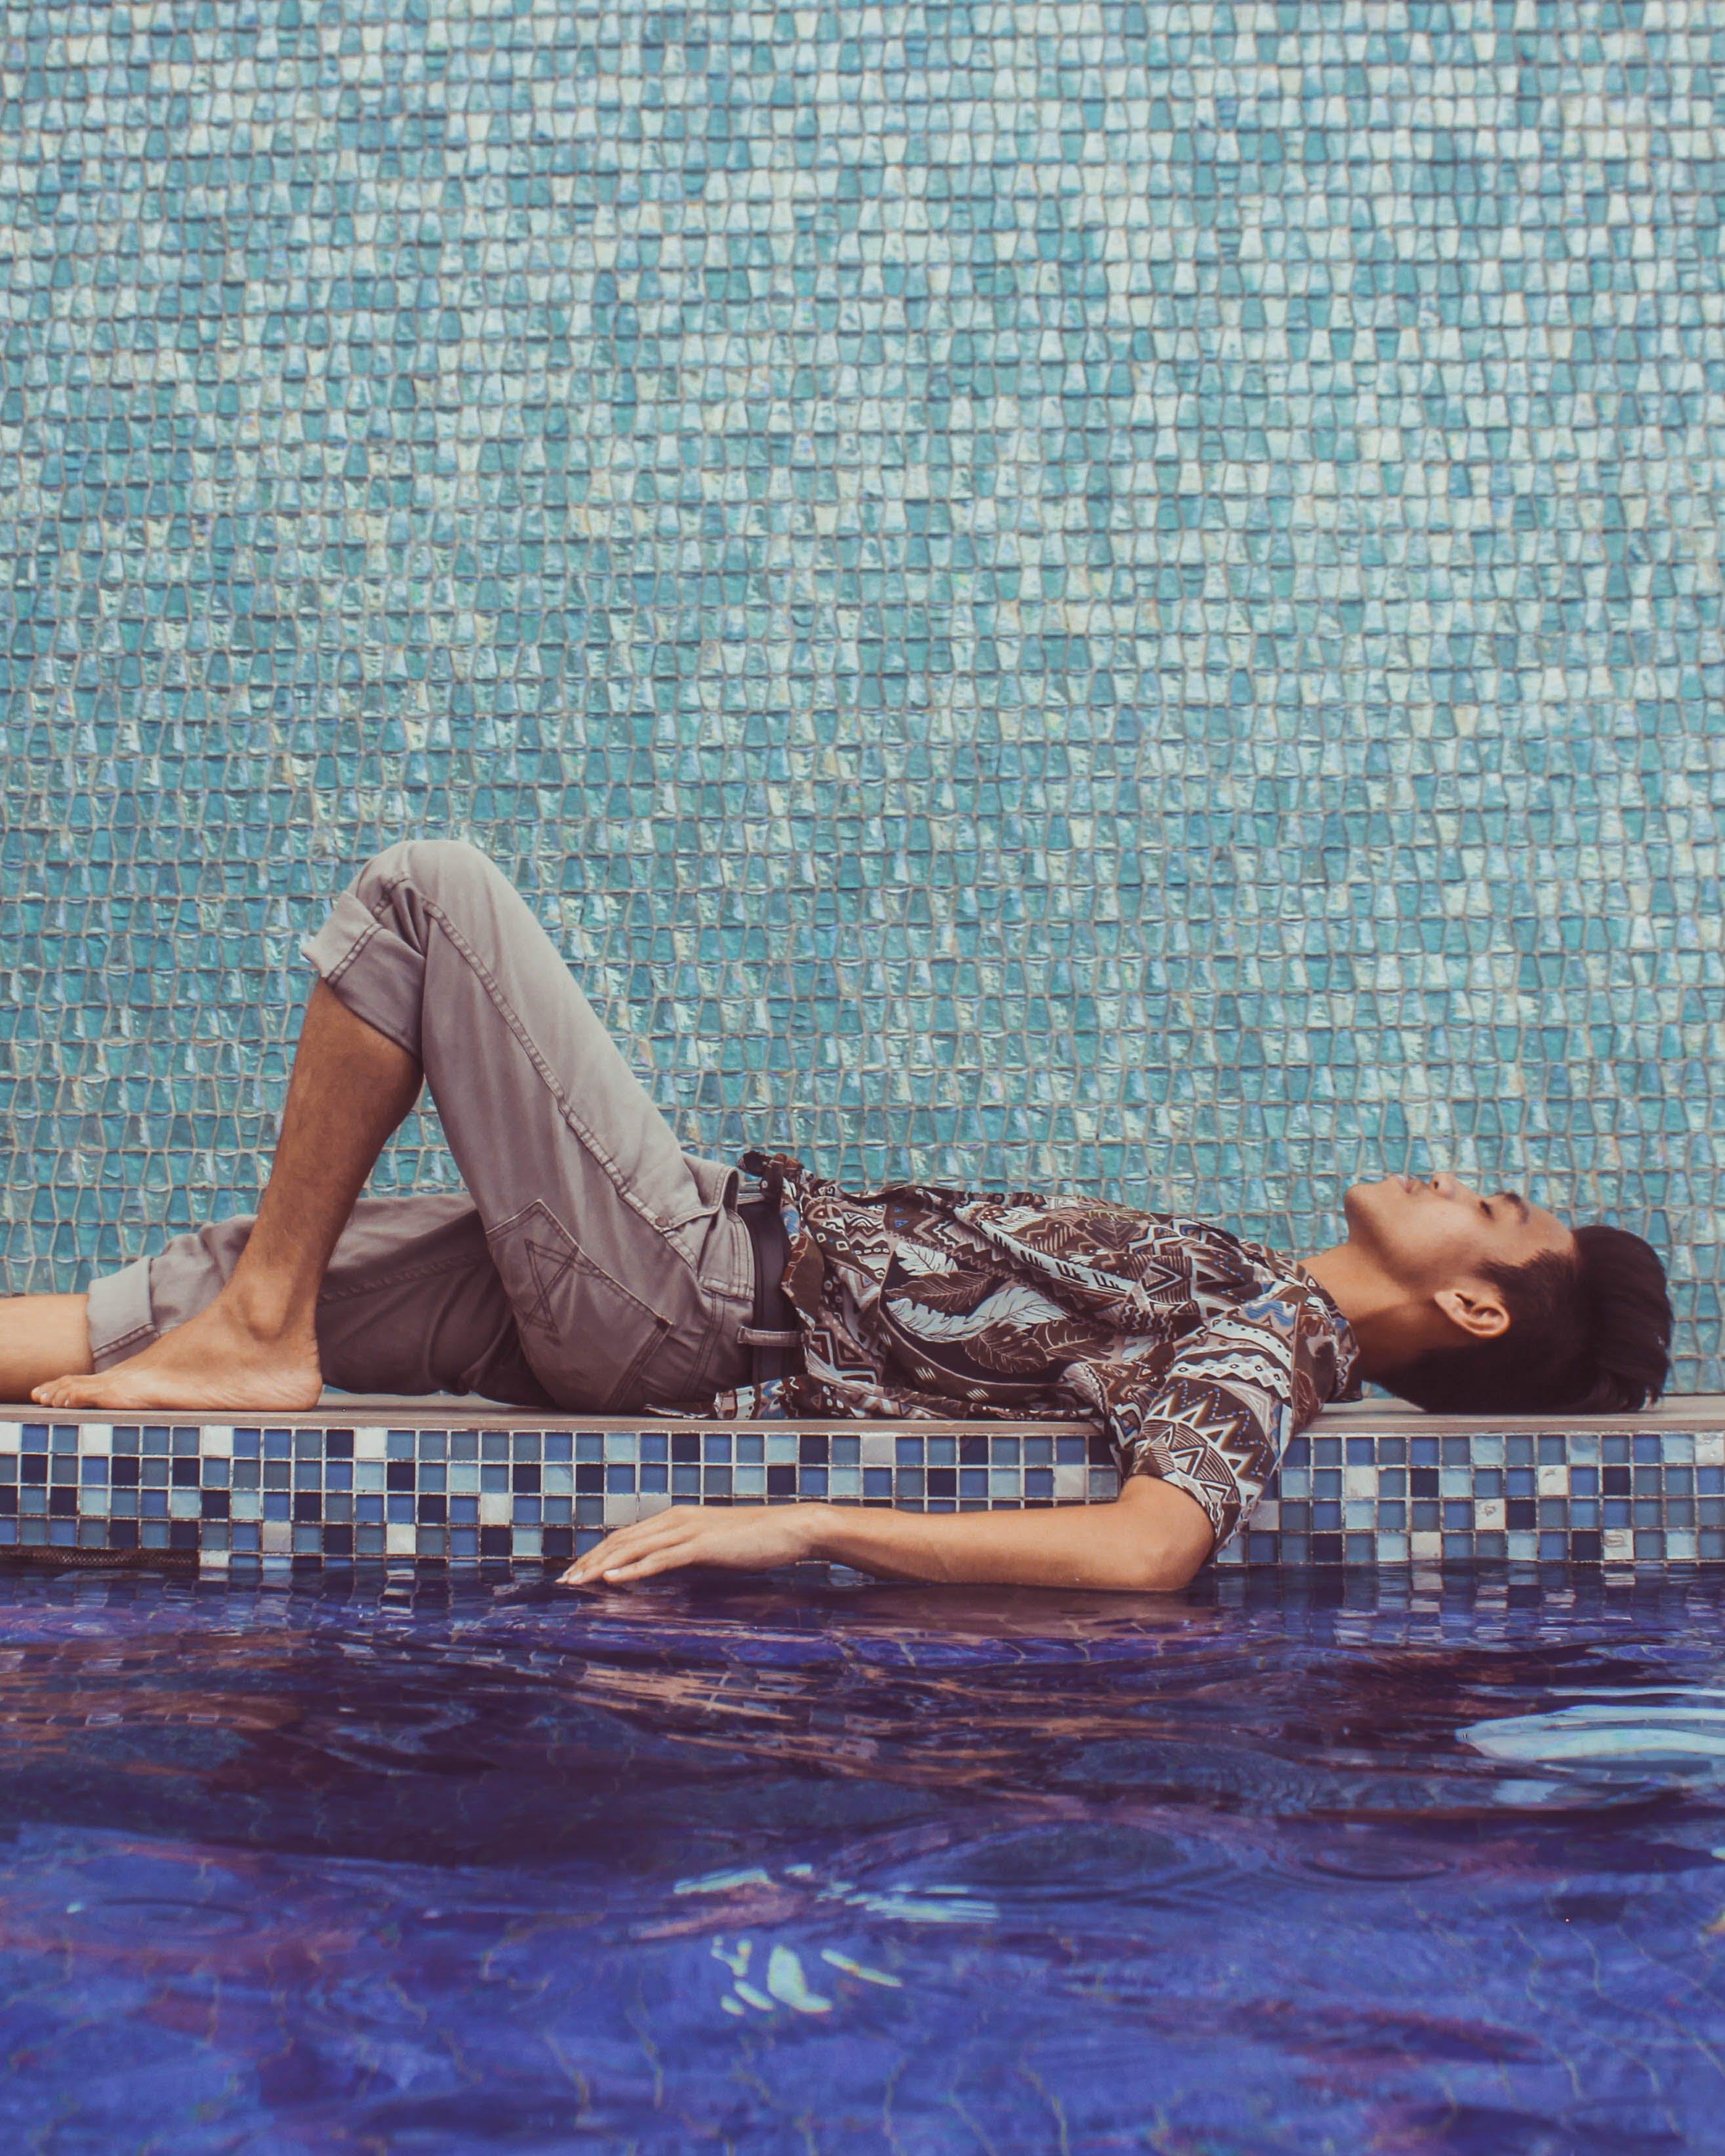 Ingyenes stockfotó ásott medence, ázsiai férfi, divat, fekvő témában